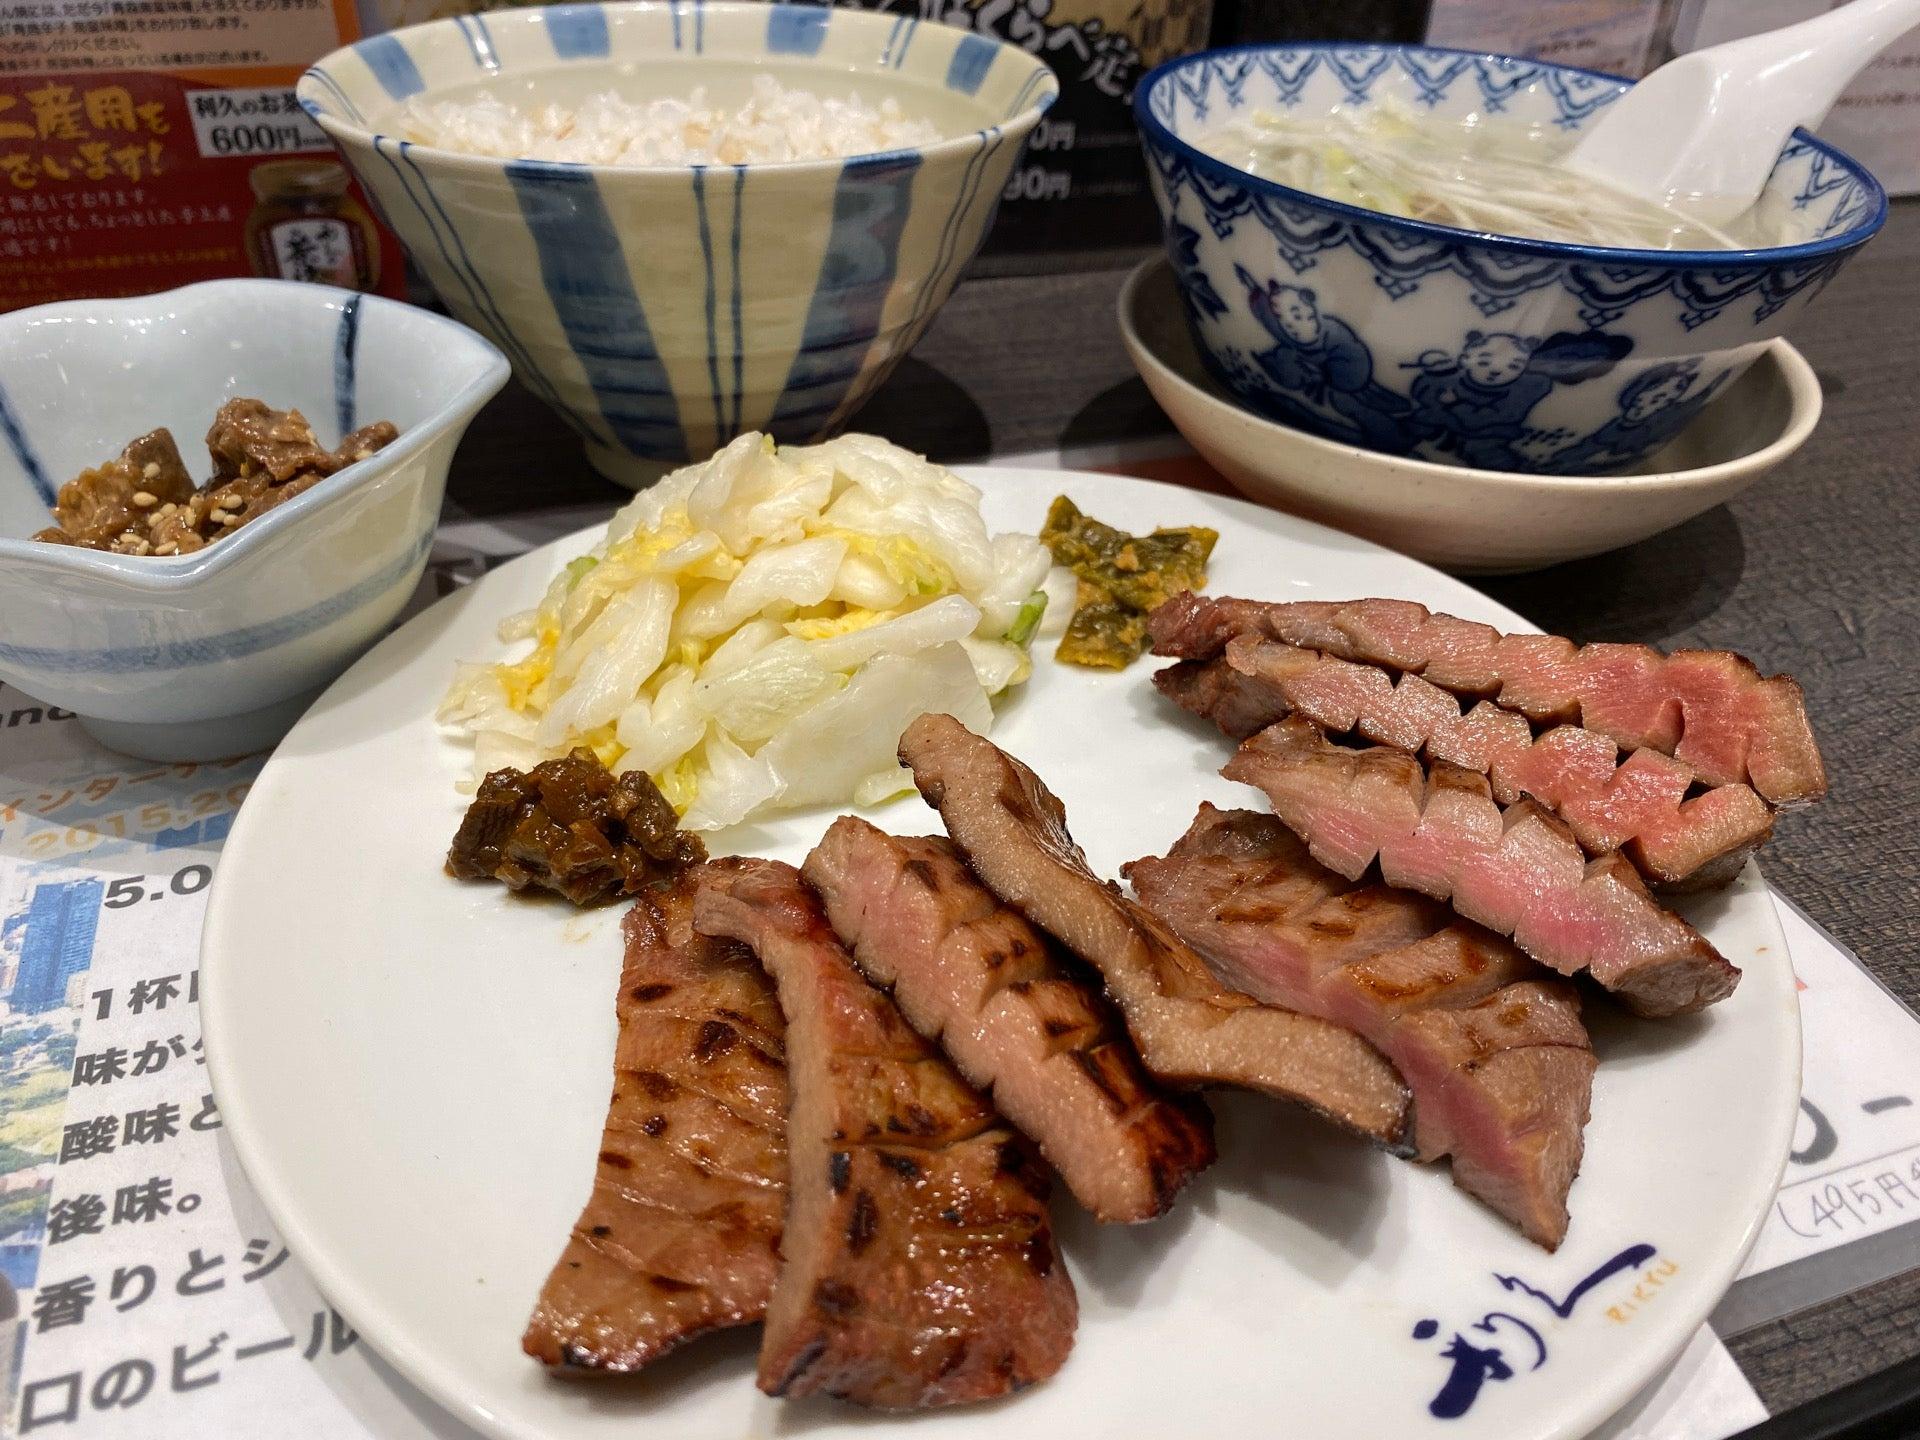 牛たん味くらべ定食、定番の塩味と味噌味。麦飯、テールスープ、小鉢は牛たん佃煮。 (@ 牛たん炭焼 利久 in 名古屋市, 愛知県) https://t.co/8Rz1rUnJqg https://t.co/bRBko1lFx0